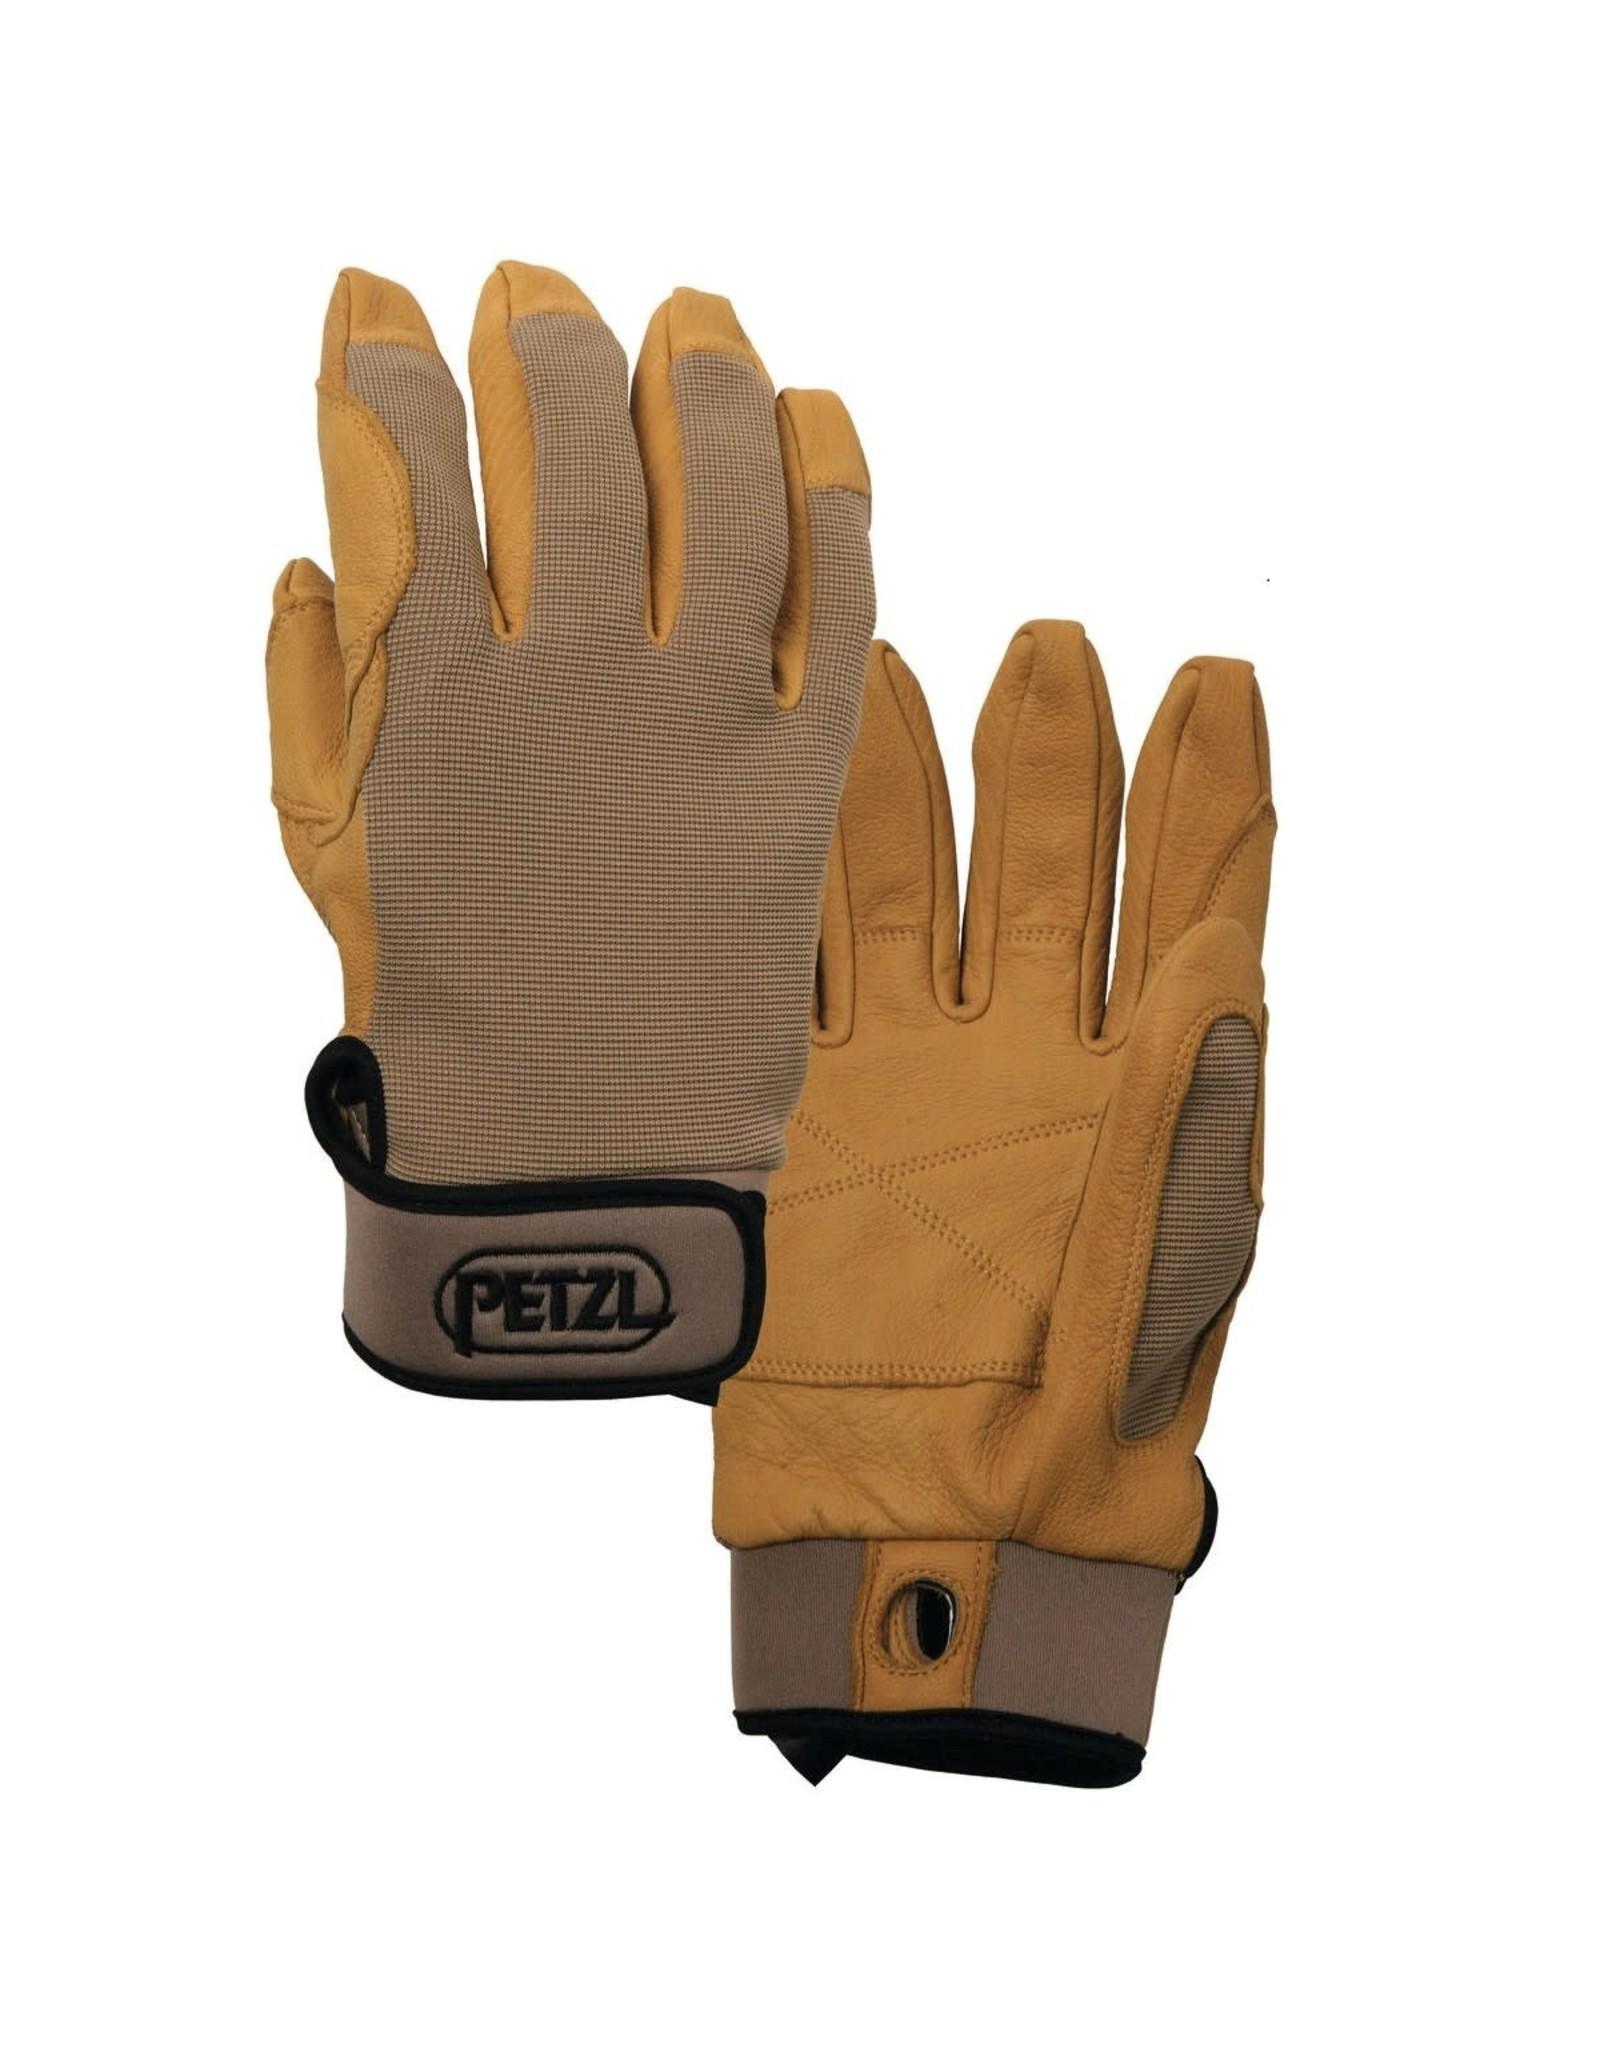 Petzl Petzl Cordex Belay  Gloves